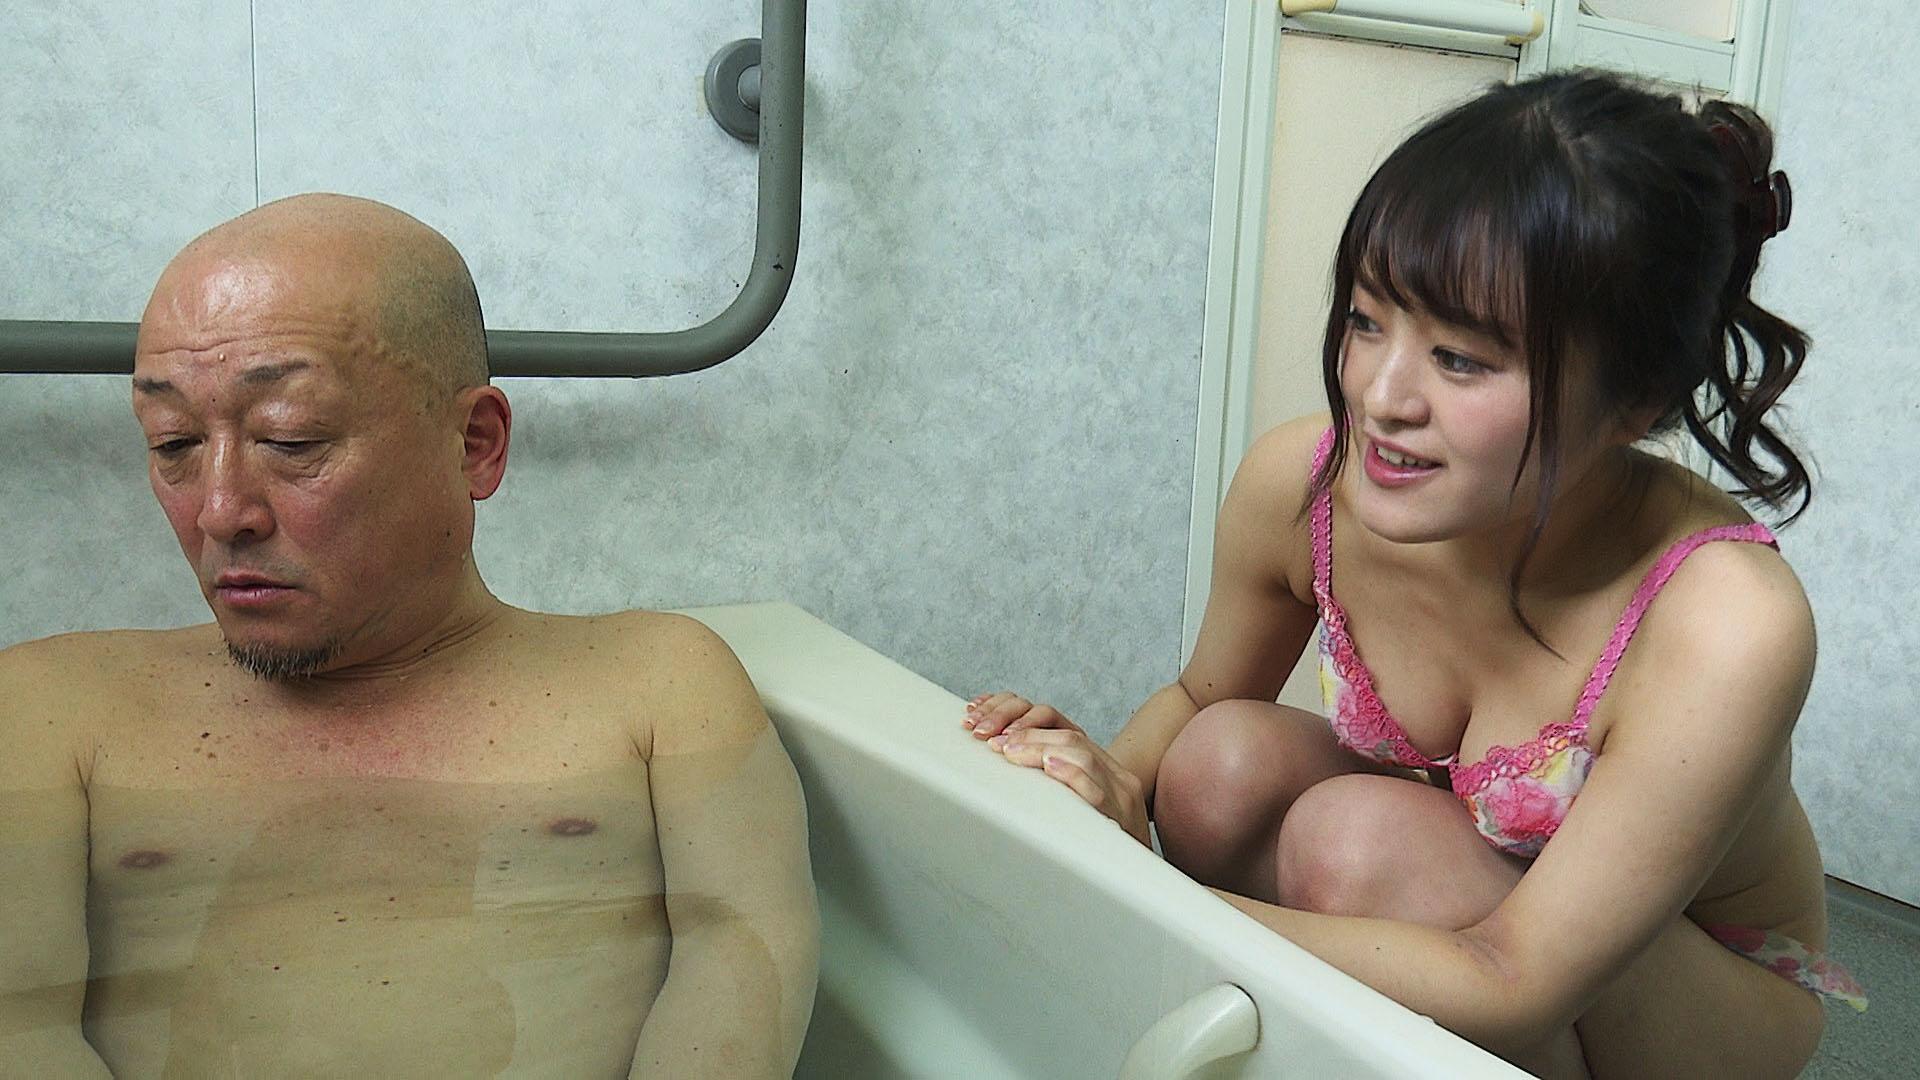 密室の性行為 風呂場でやる!